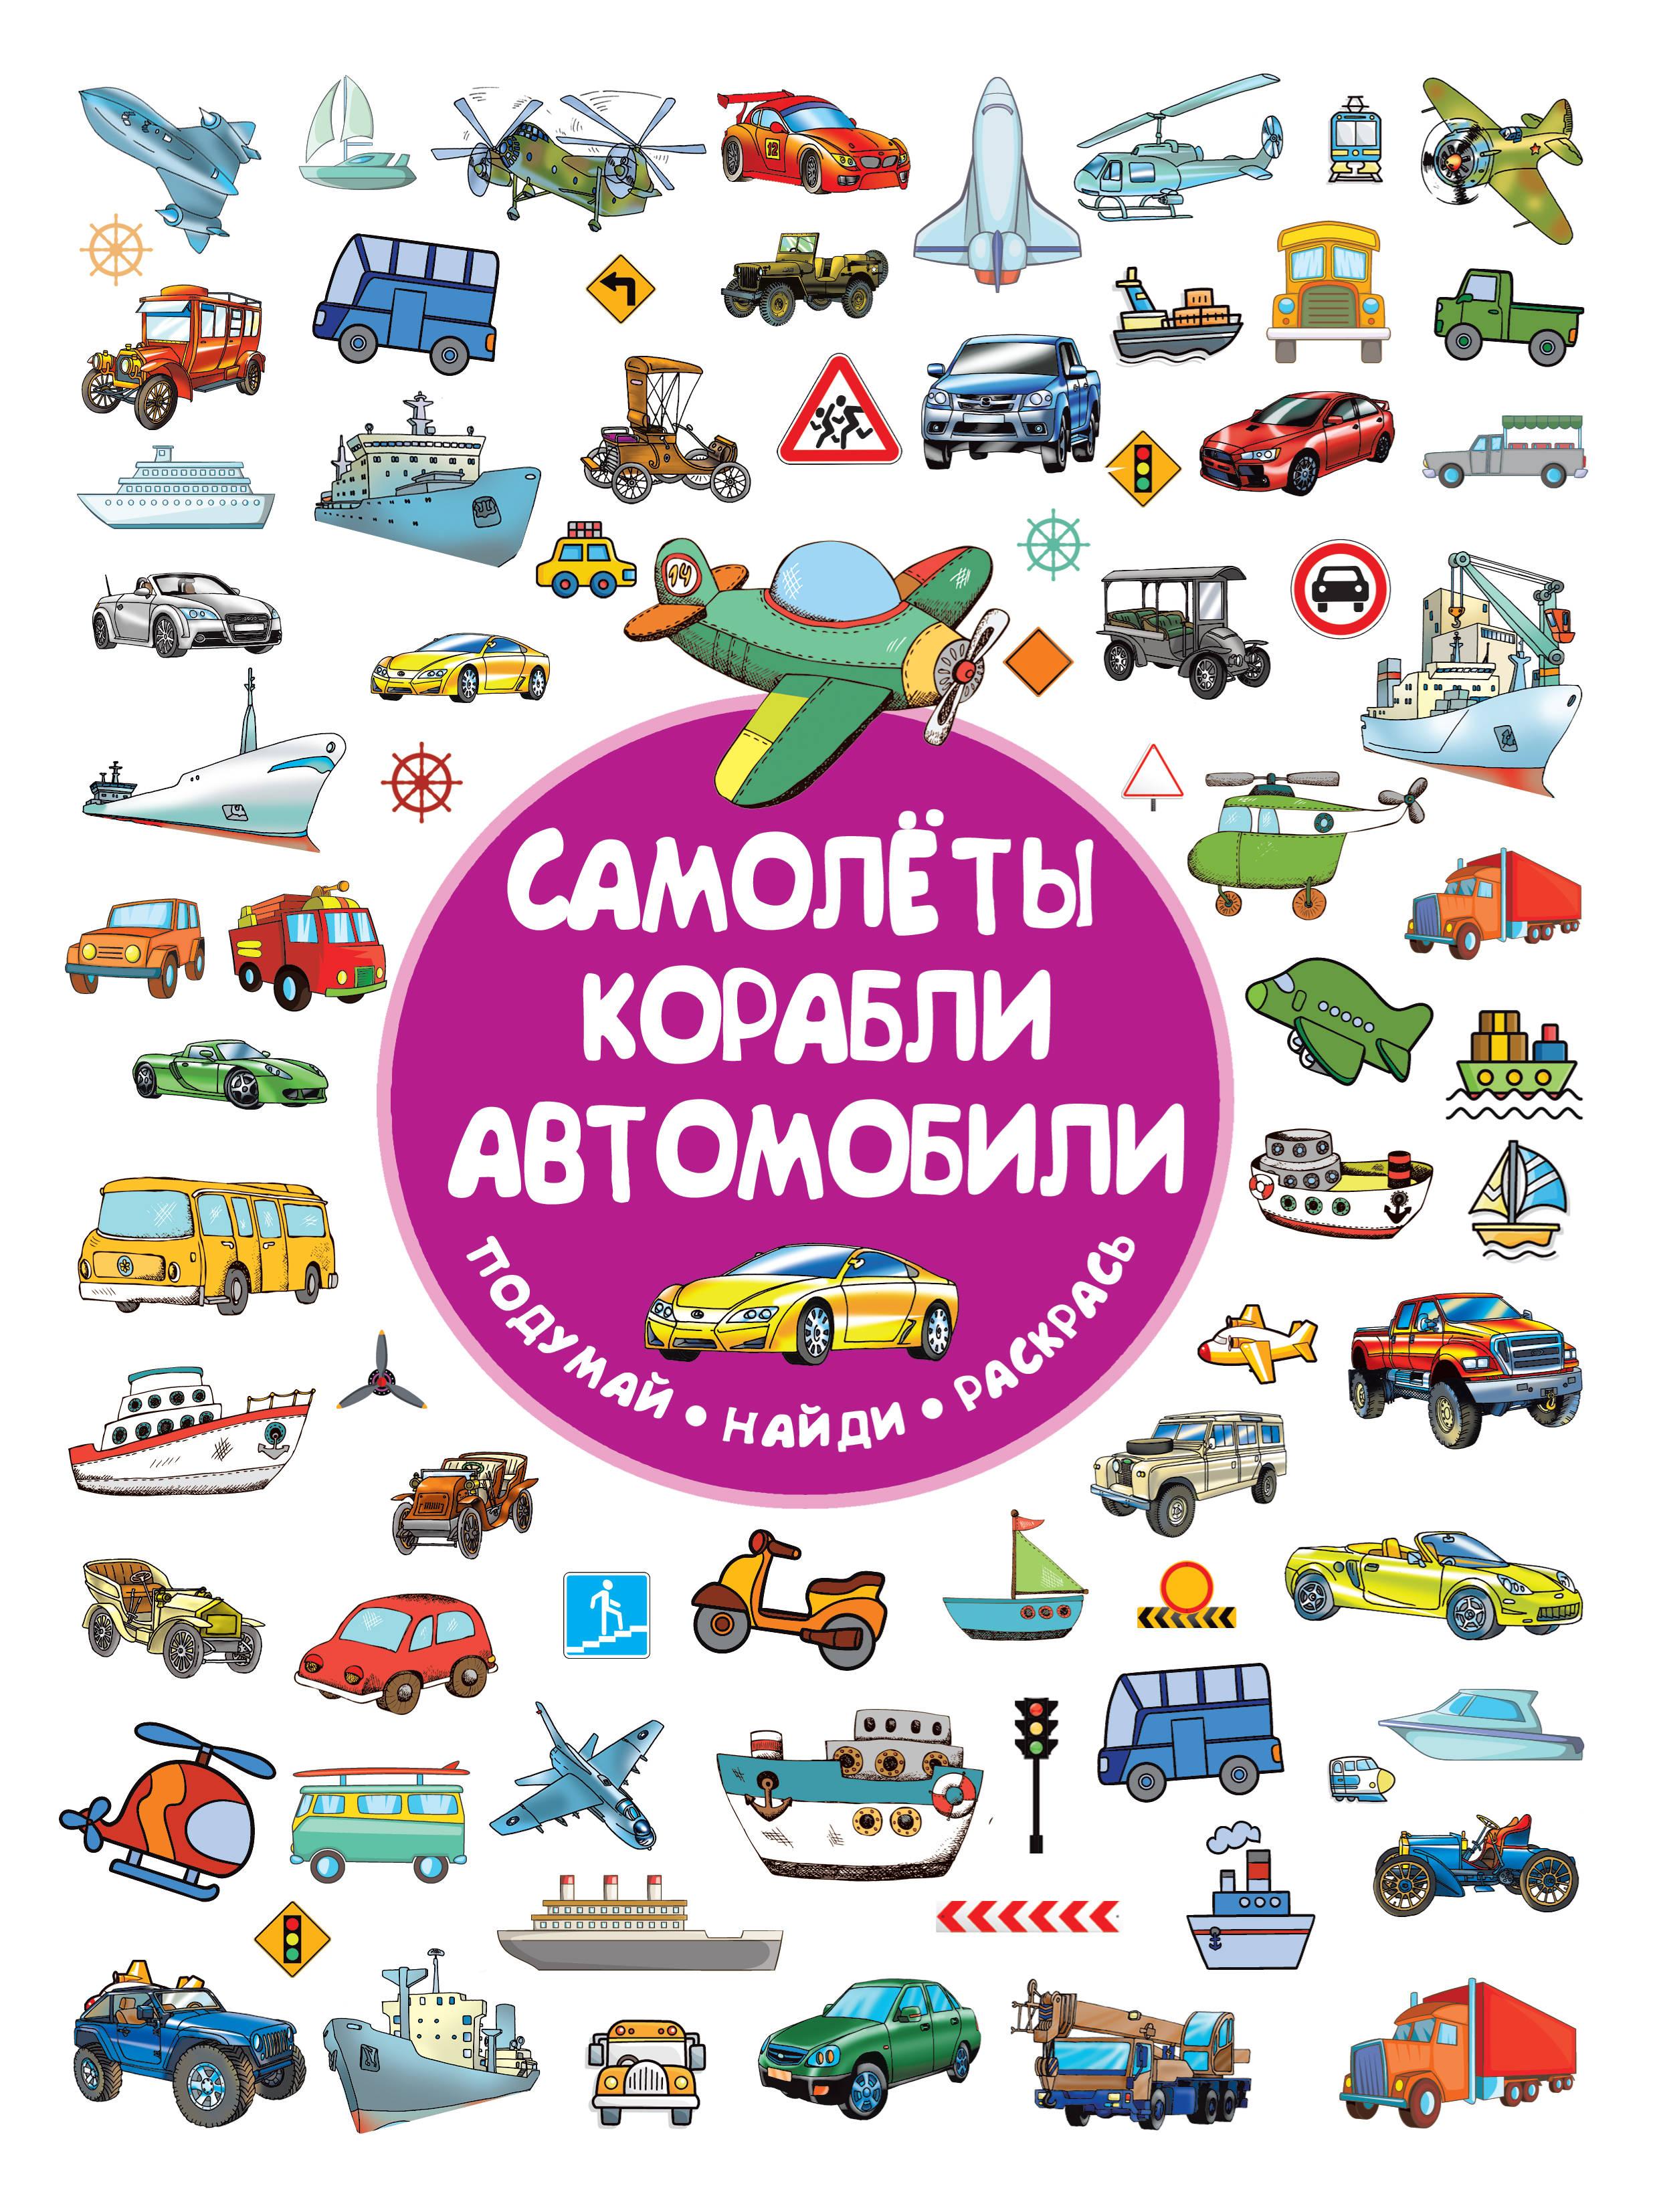 . Самолеты, корабли, автомобили макмиллан б мерфи г и др автомобили самолеты корабли